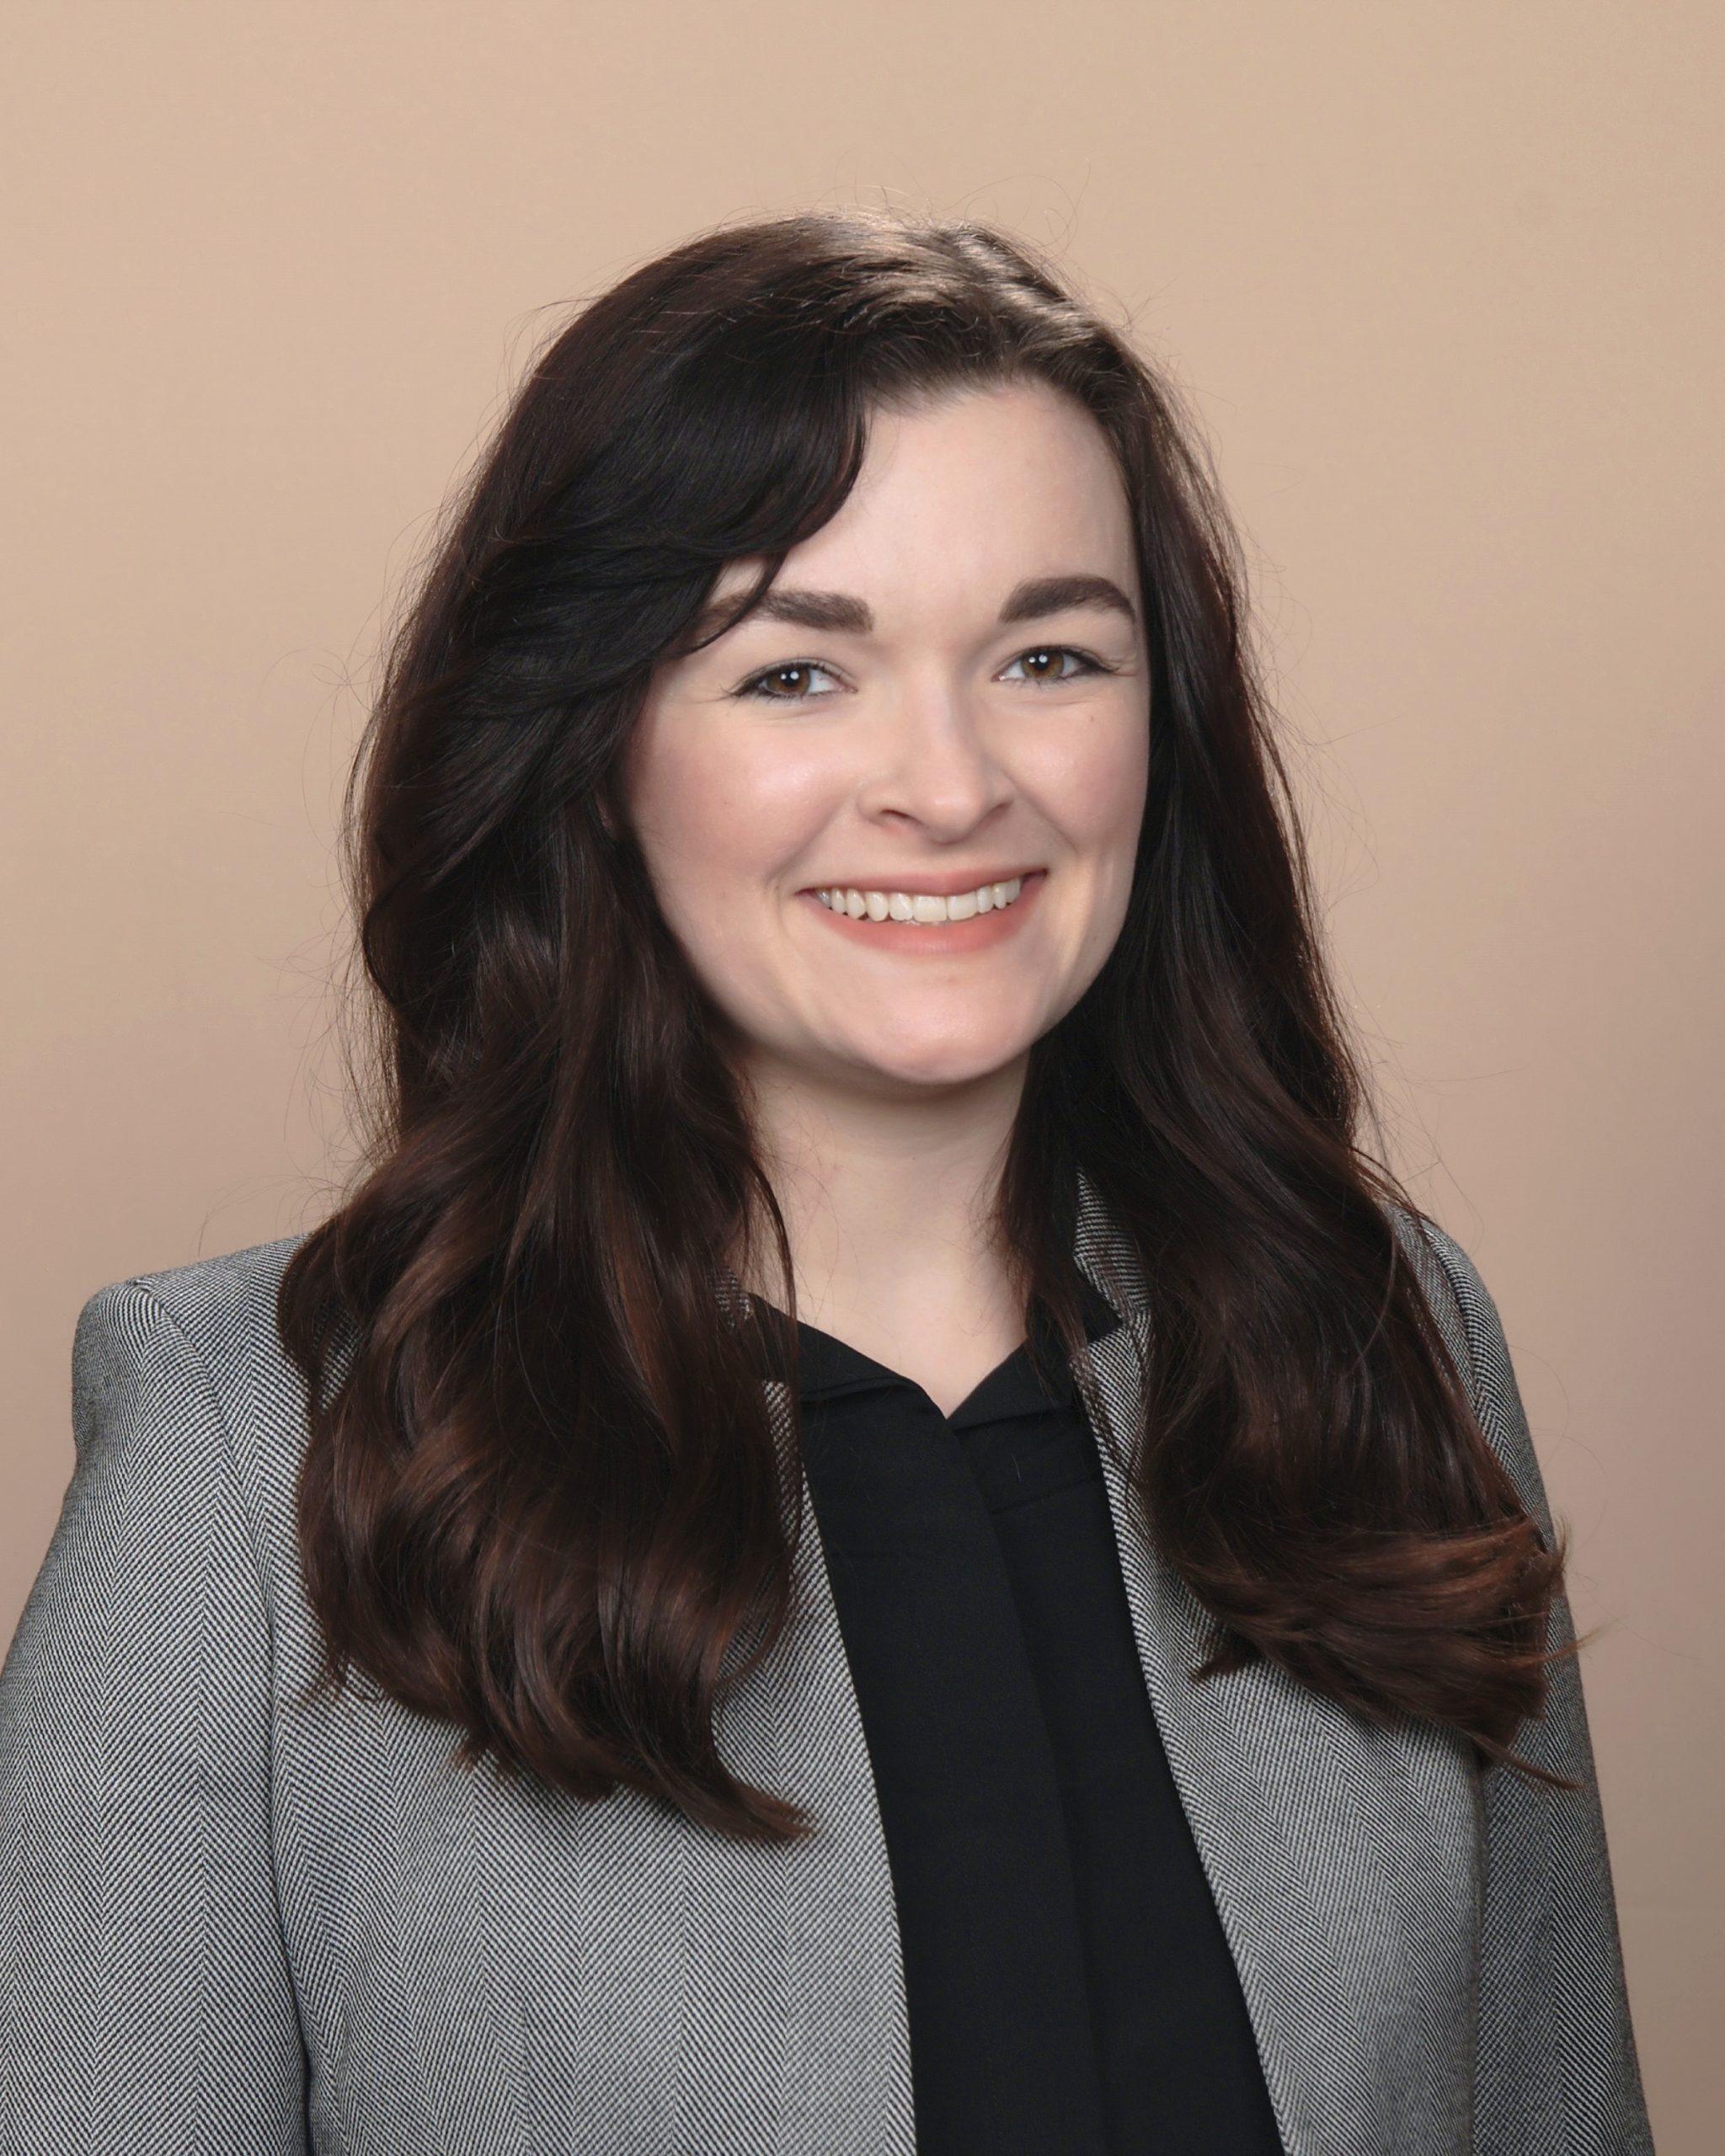 Melanie Bronson, PA-C